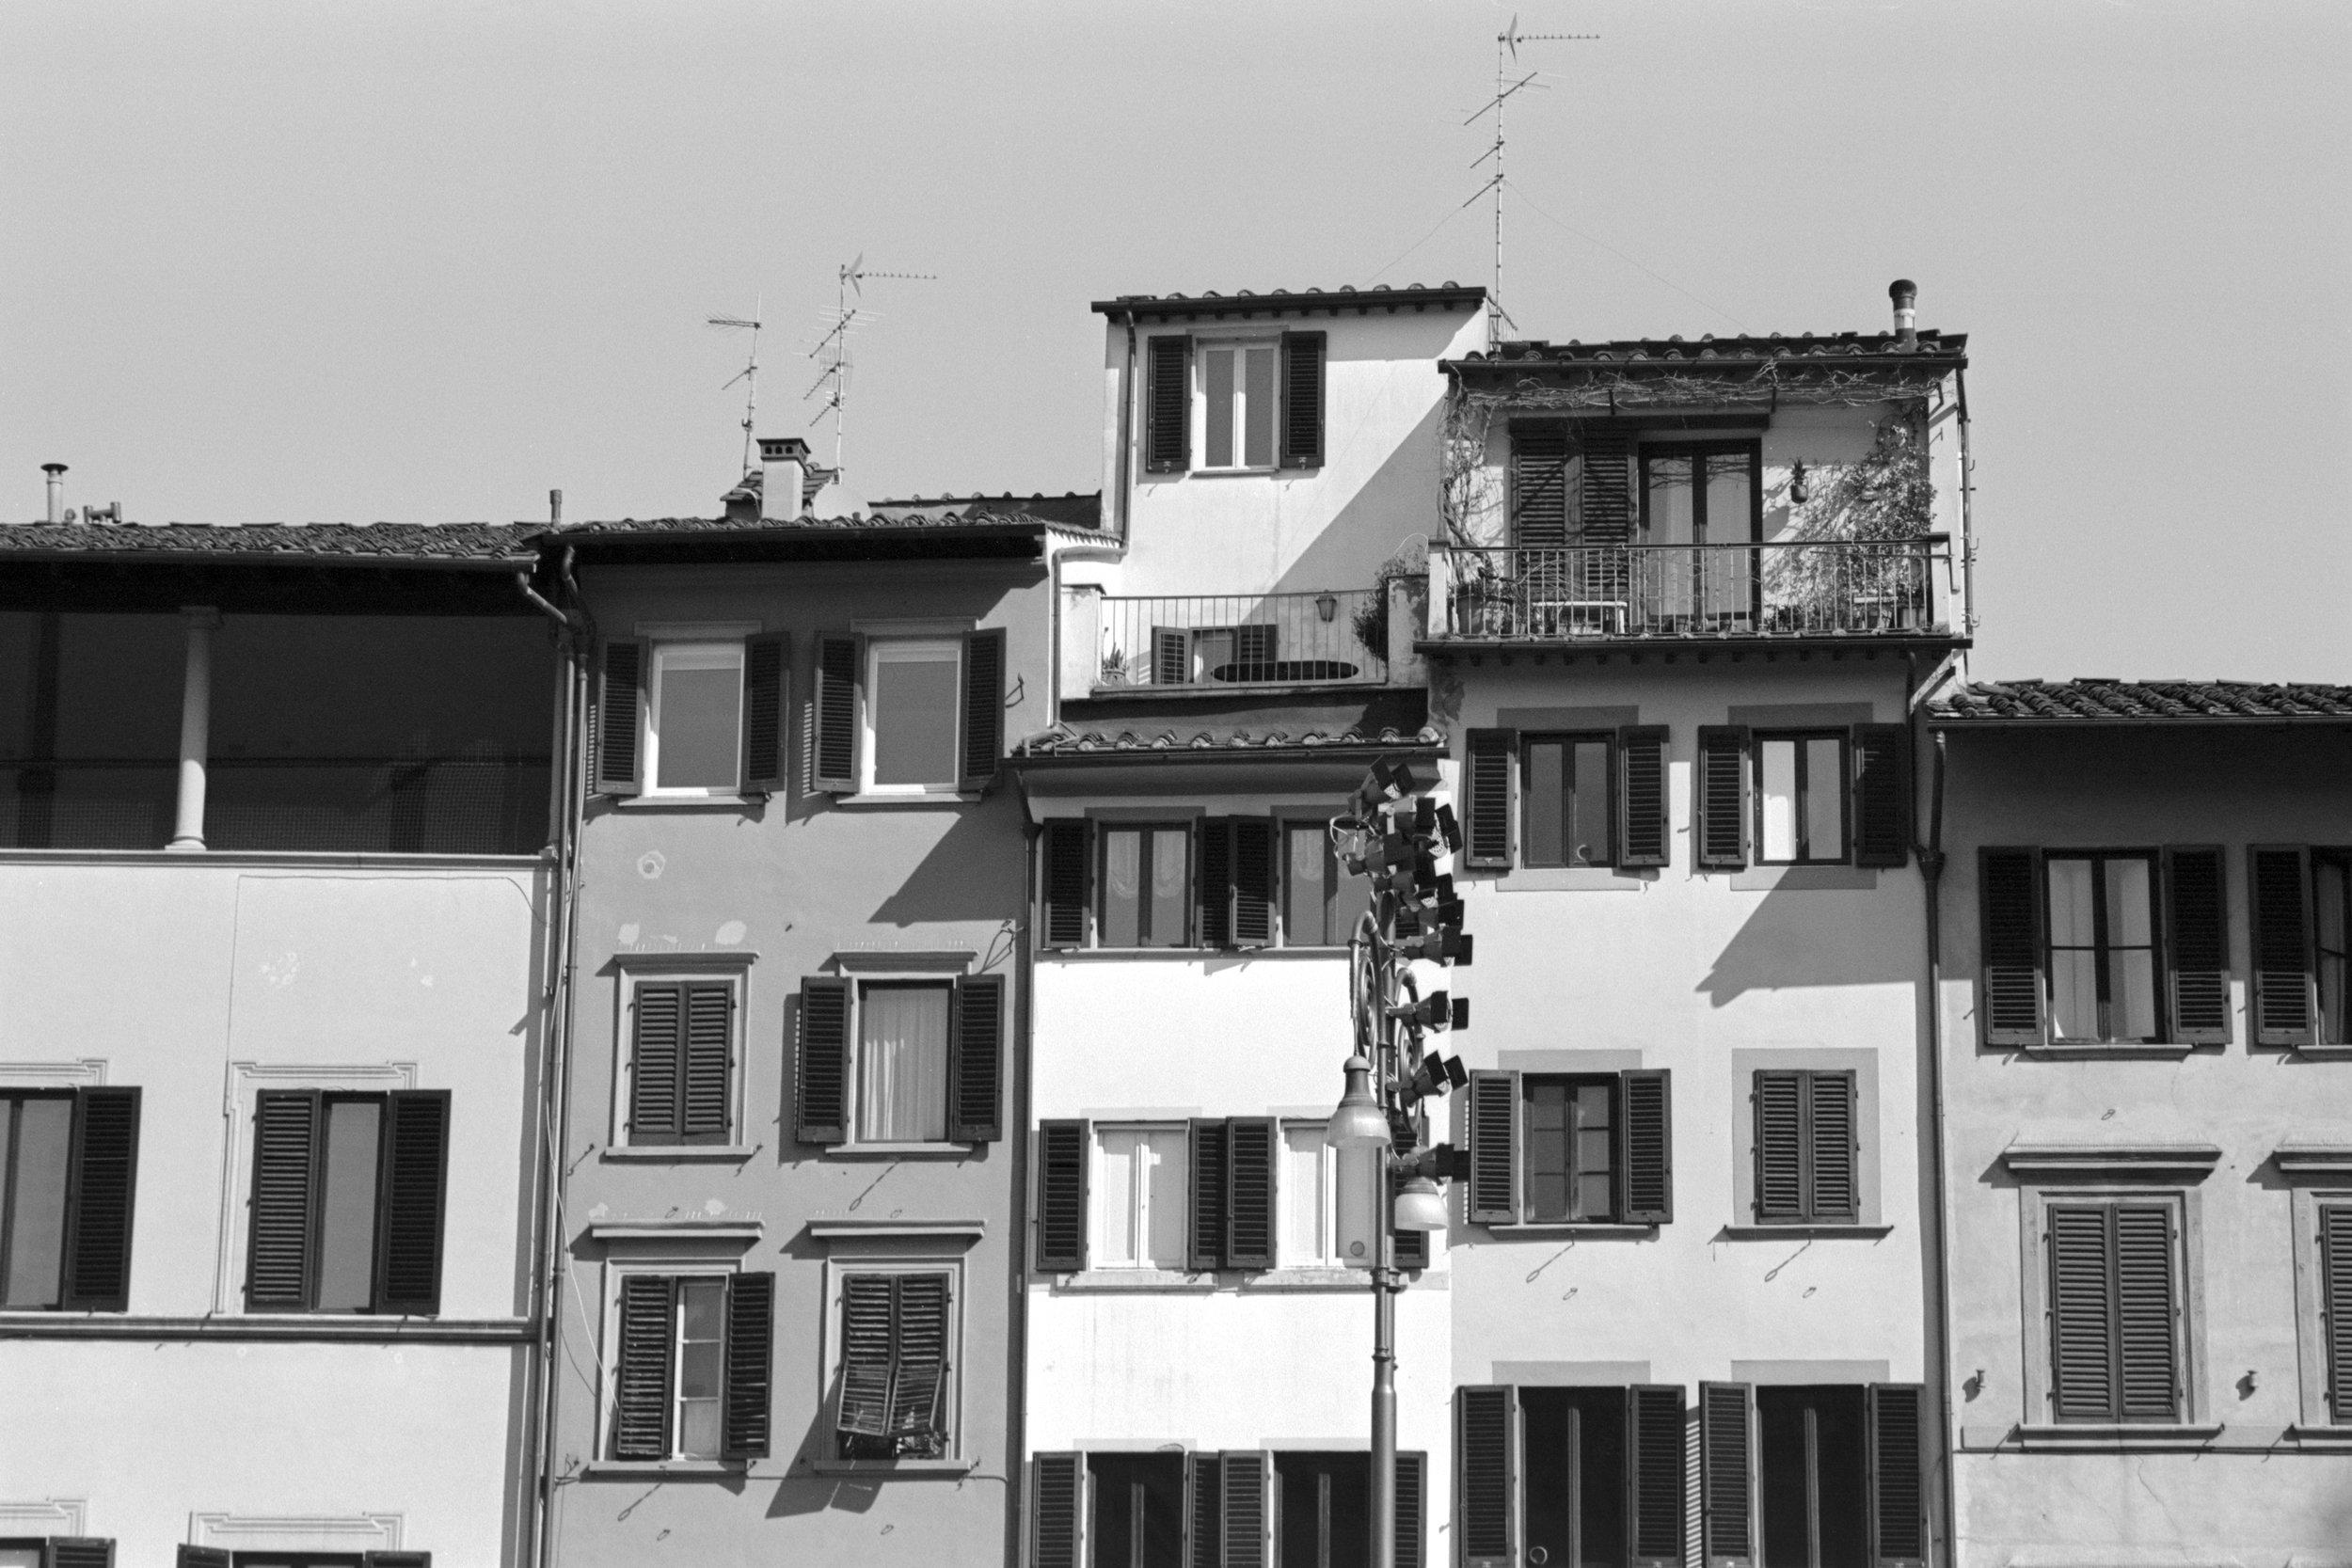 Gianni-2017-03-13-0040.jpg